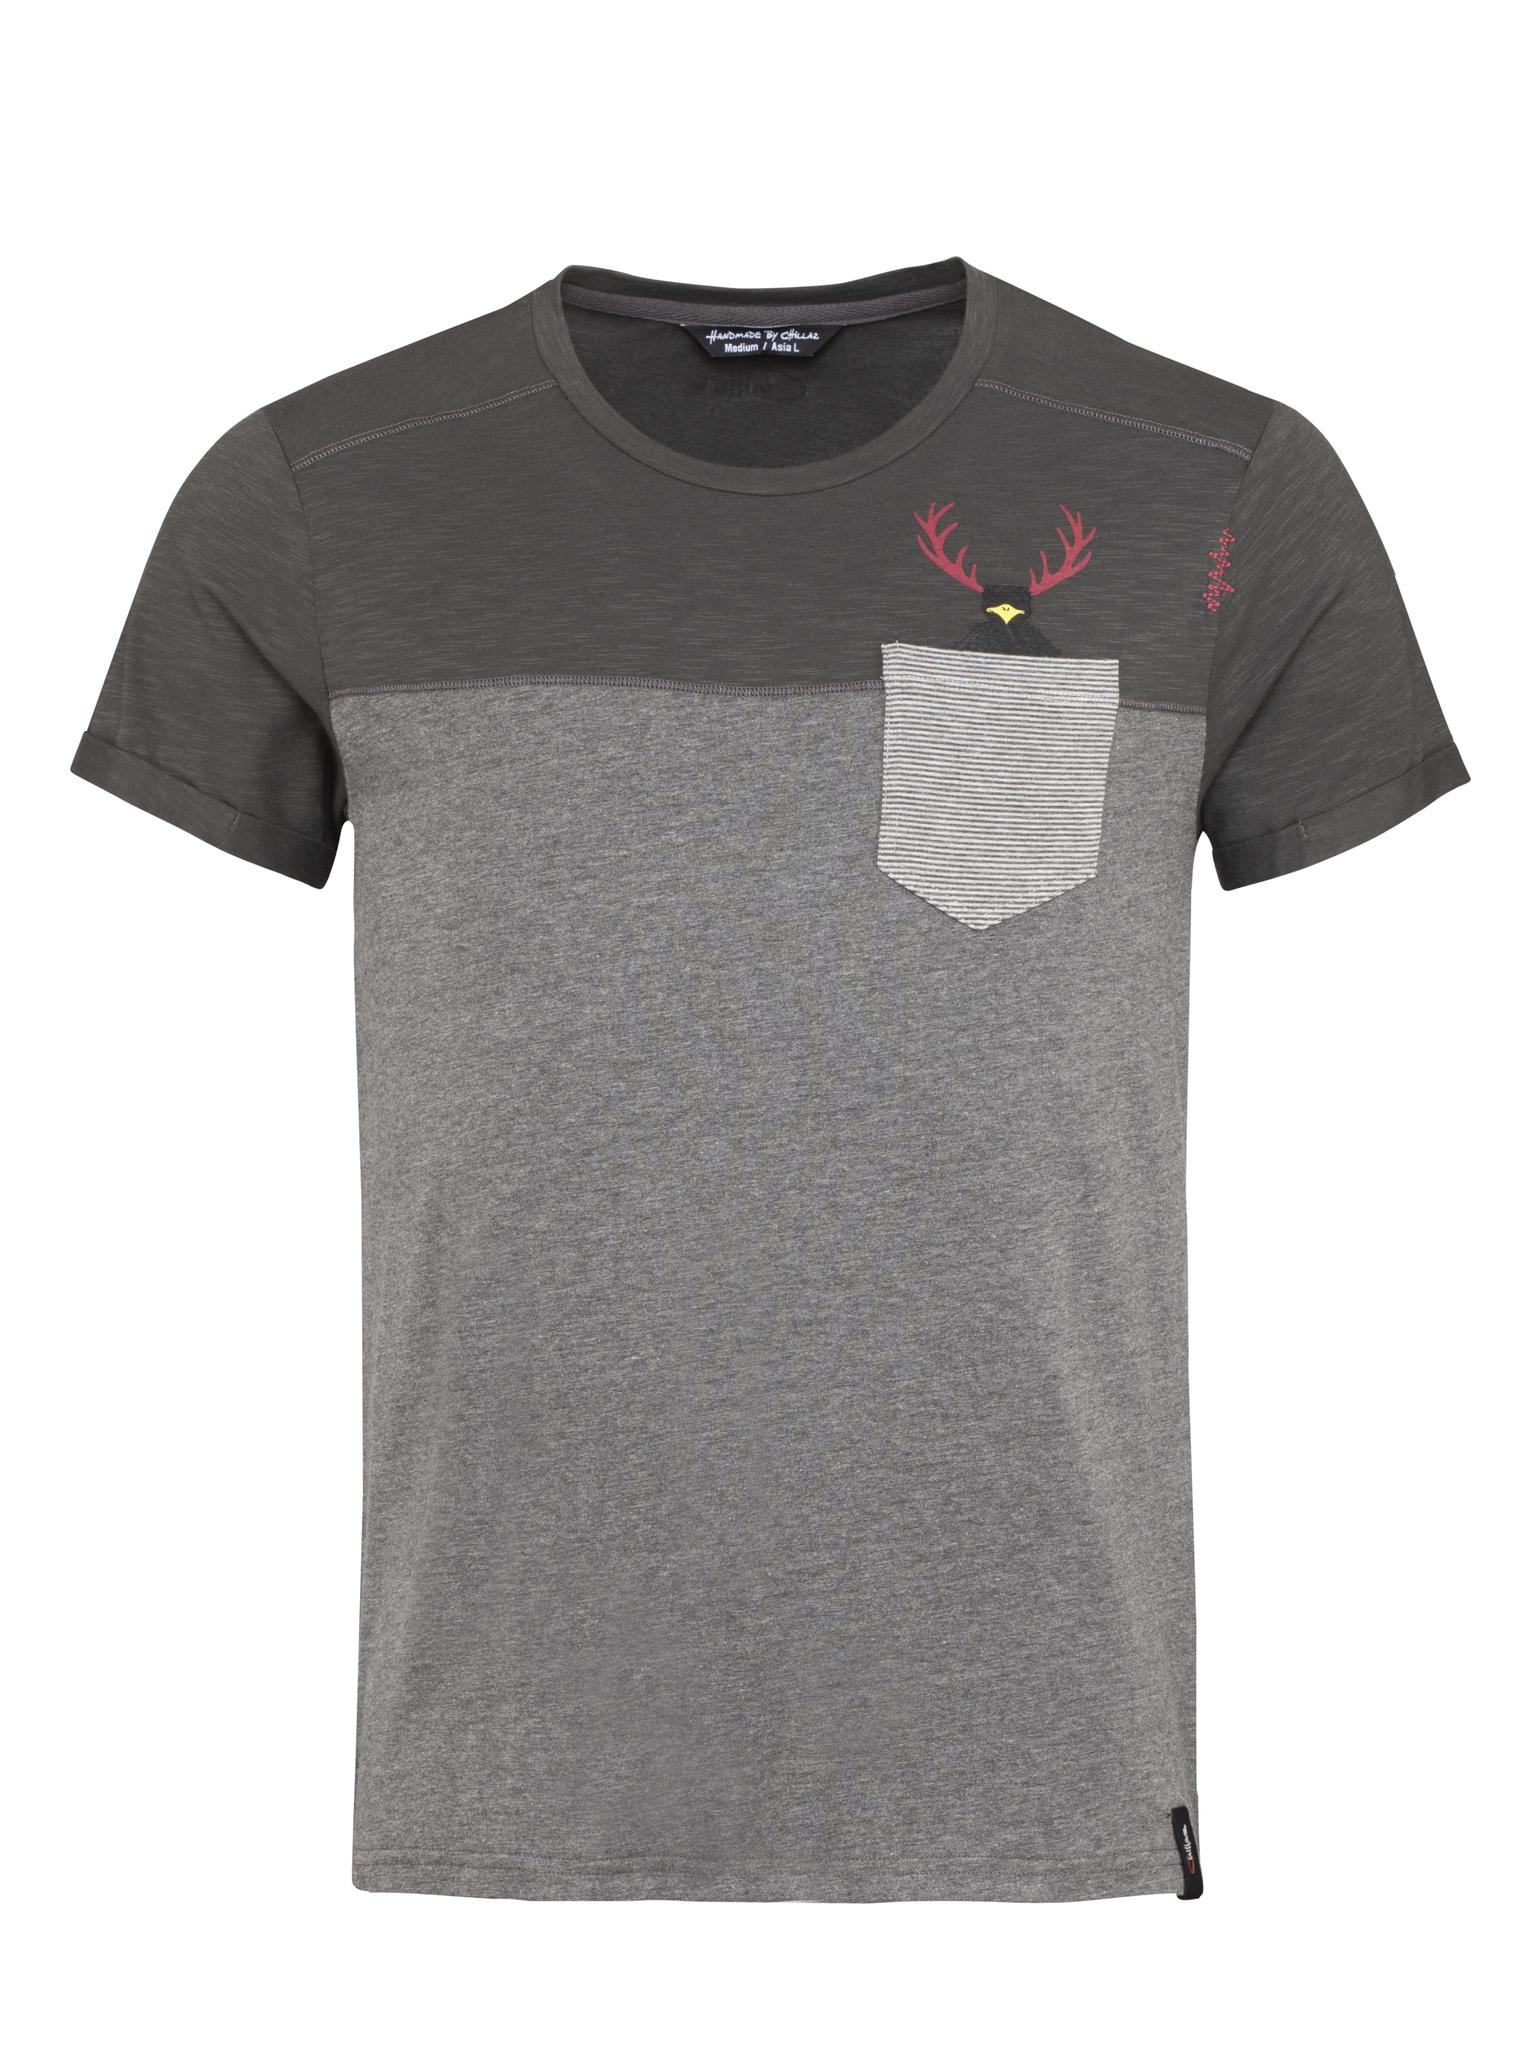 Street Hirschkrah T-Shirt Men S